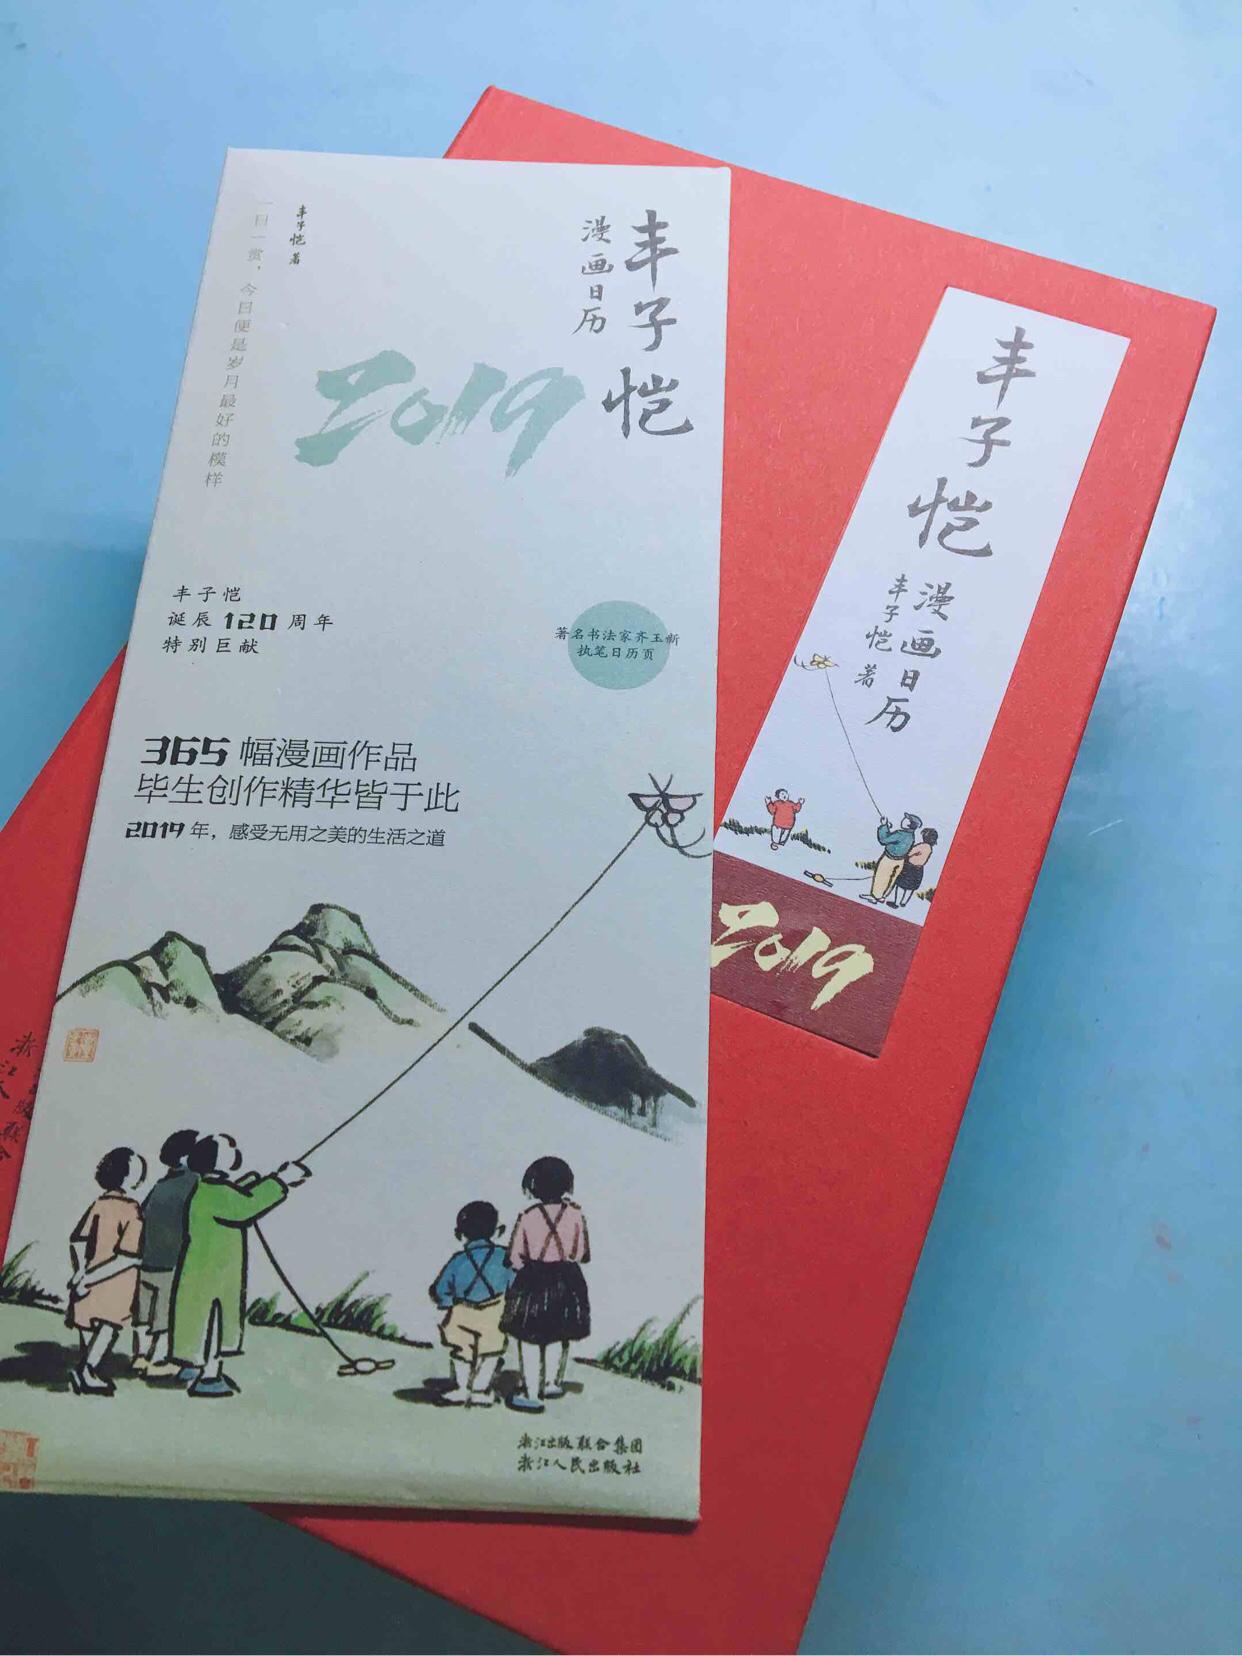 手账 丰子恺漫画日历2019, 手帐教程